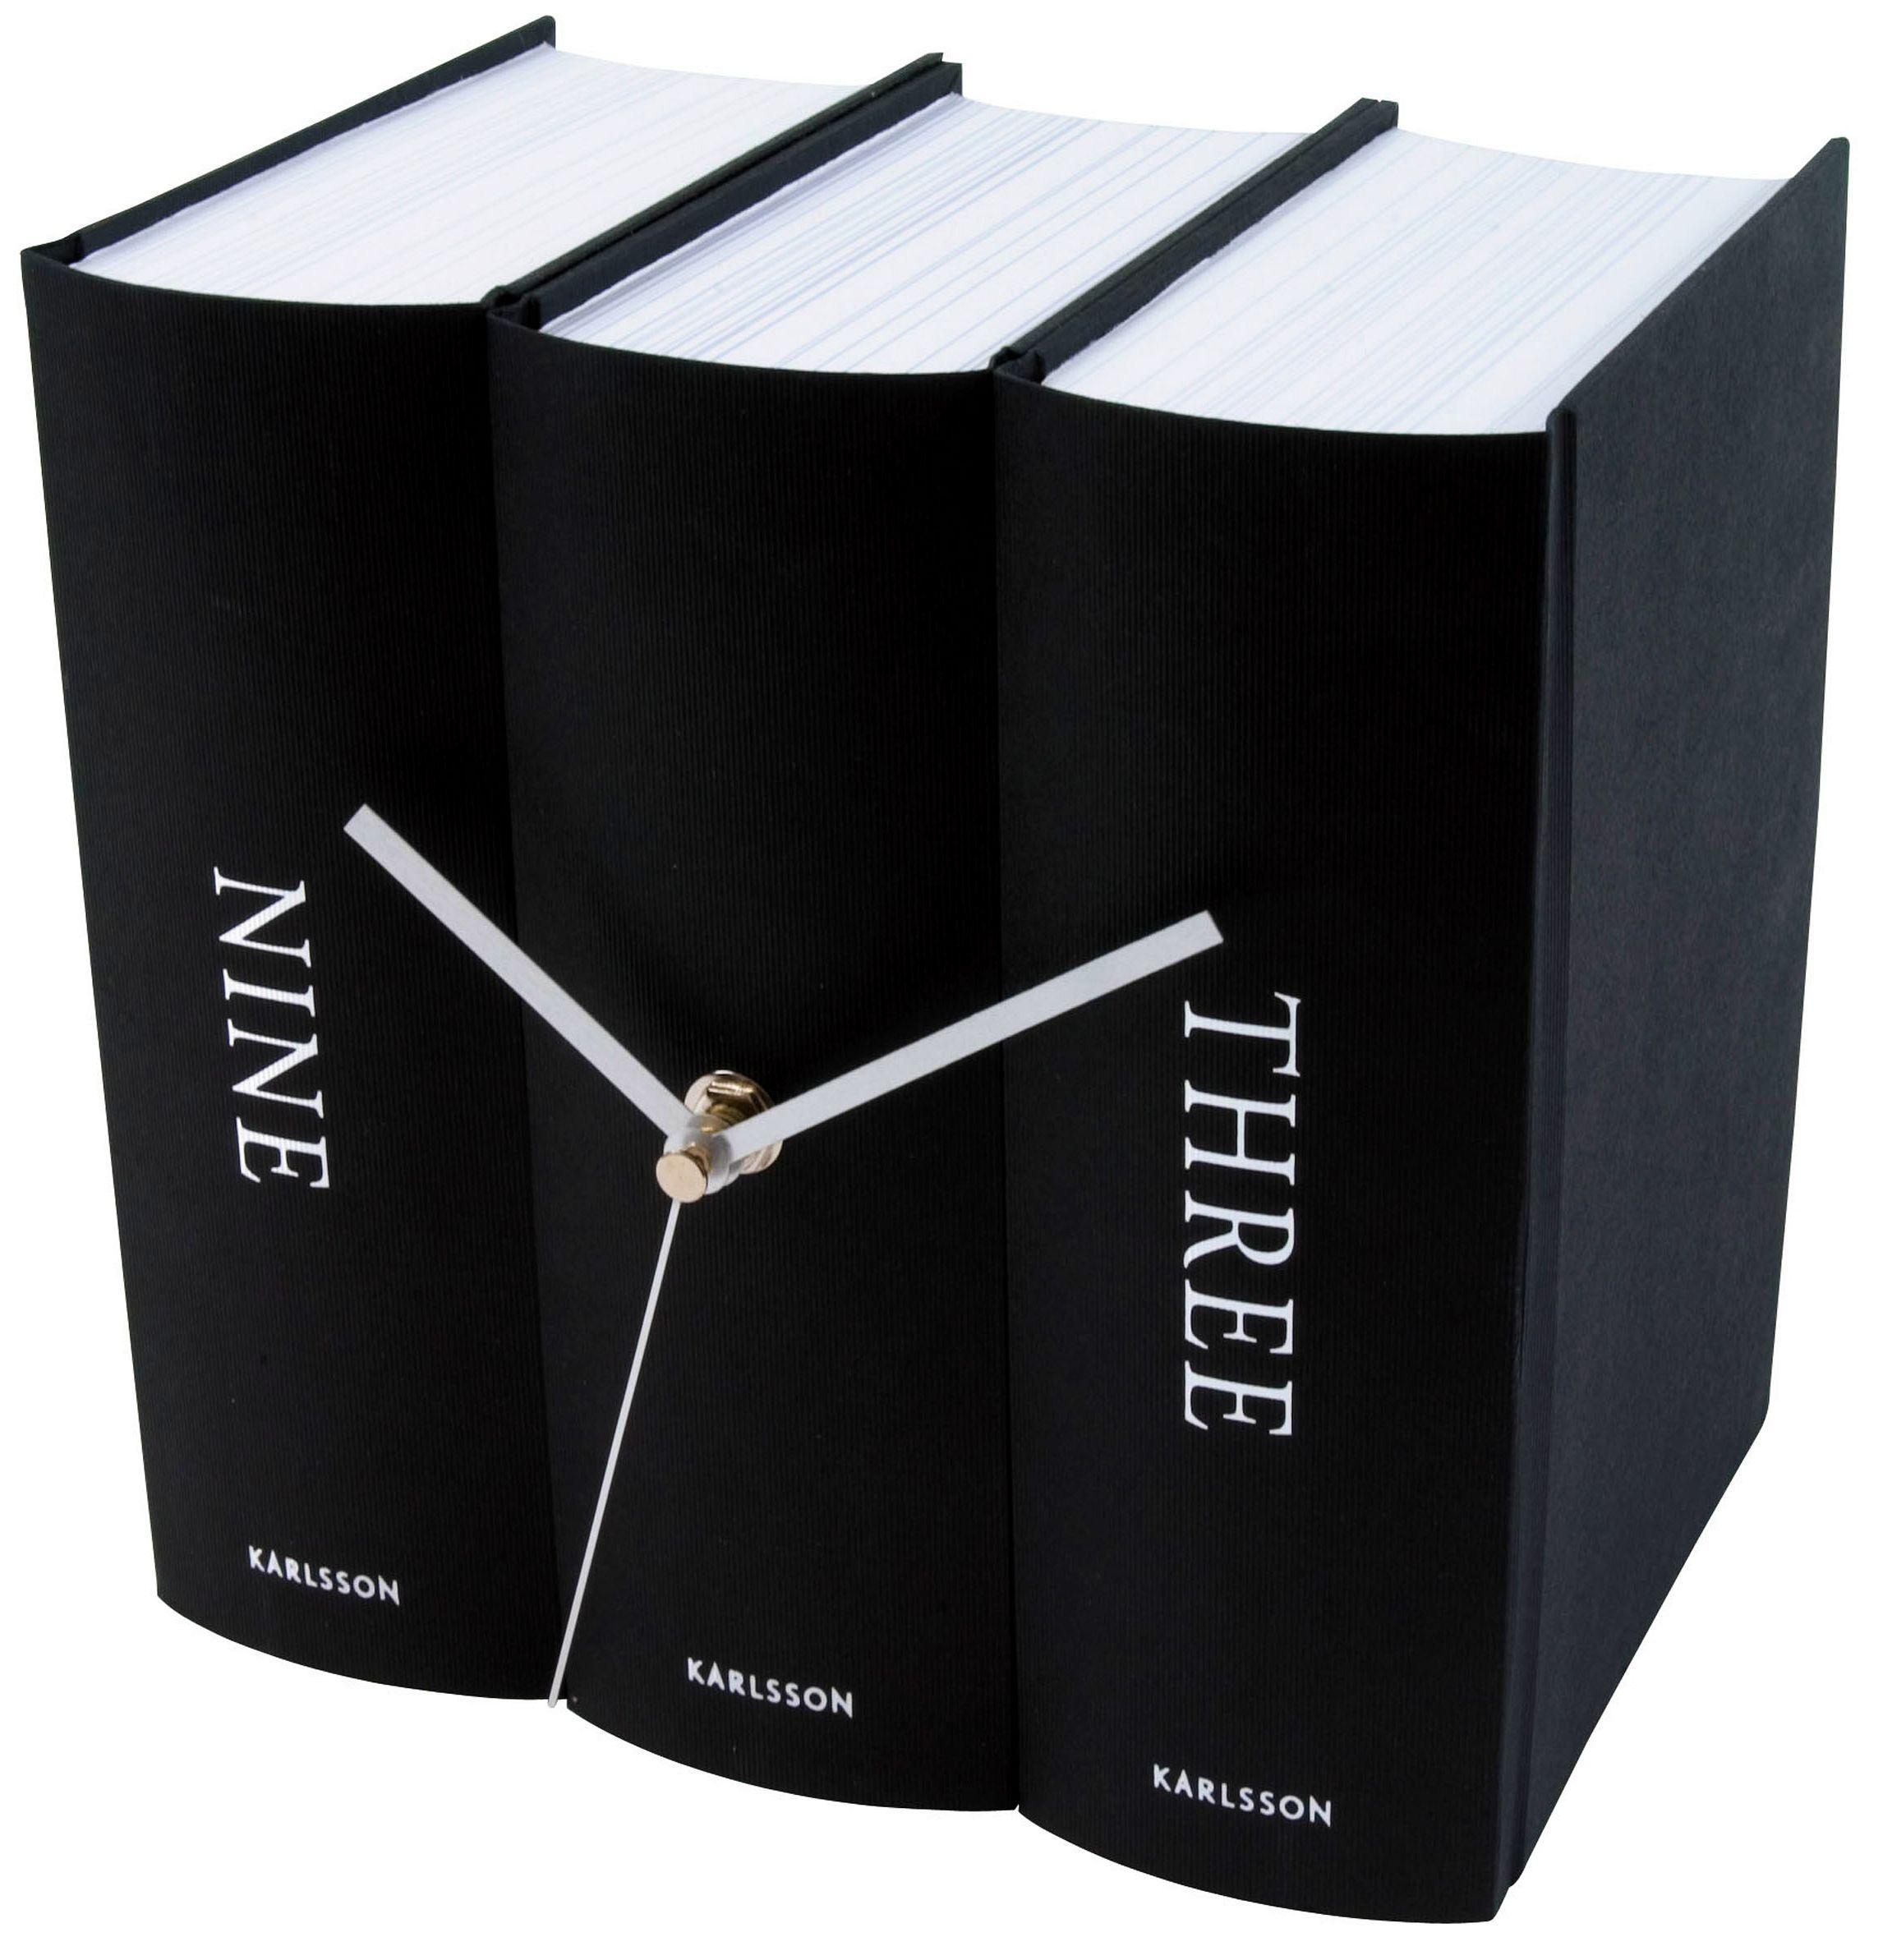 karlsson tischuhr buch ka4283 g nstig auf. Black Bedroom Furniture Sets. Home Design Ideas